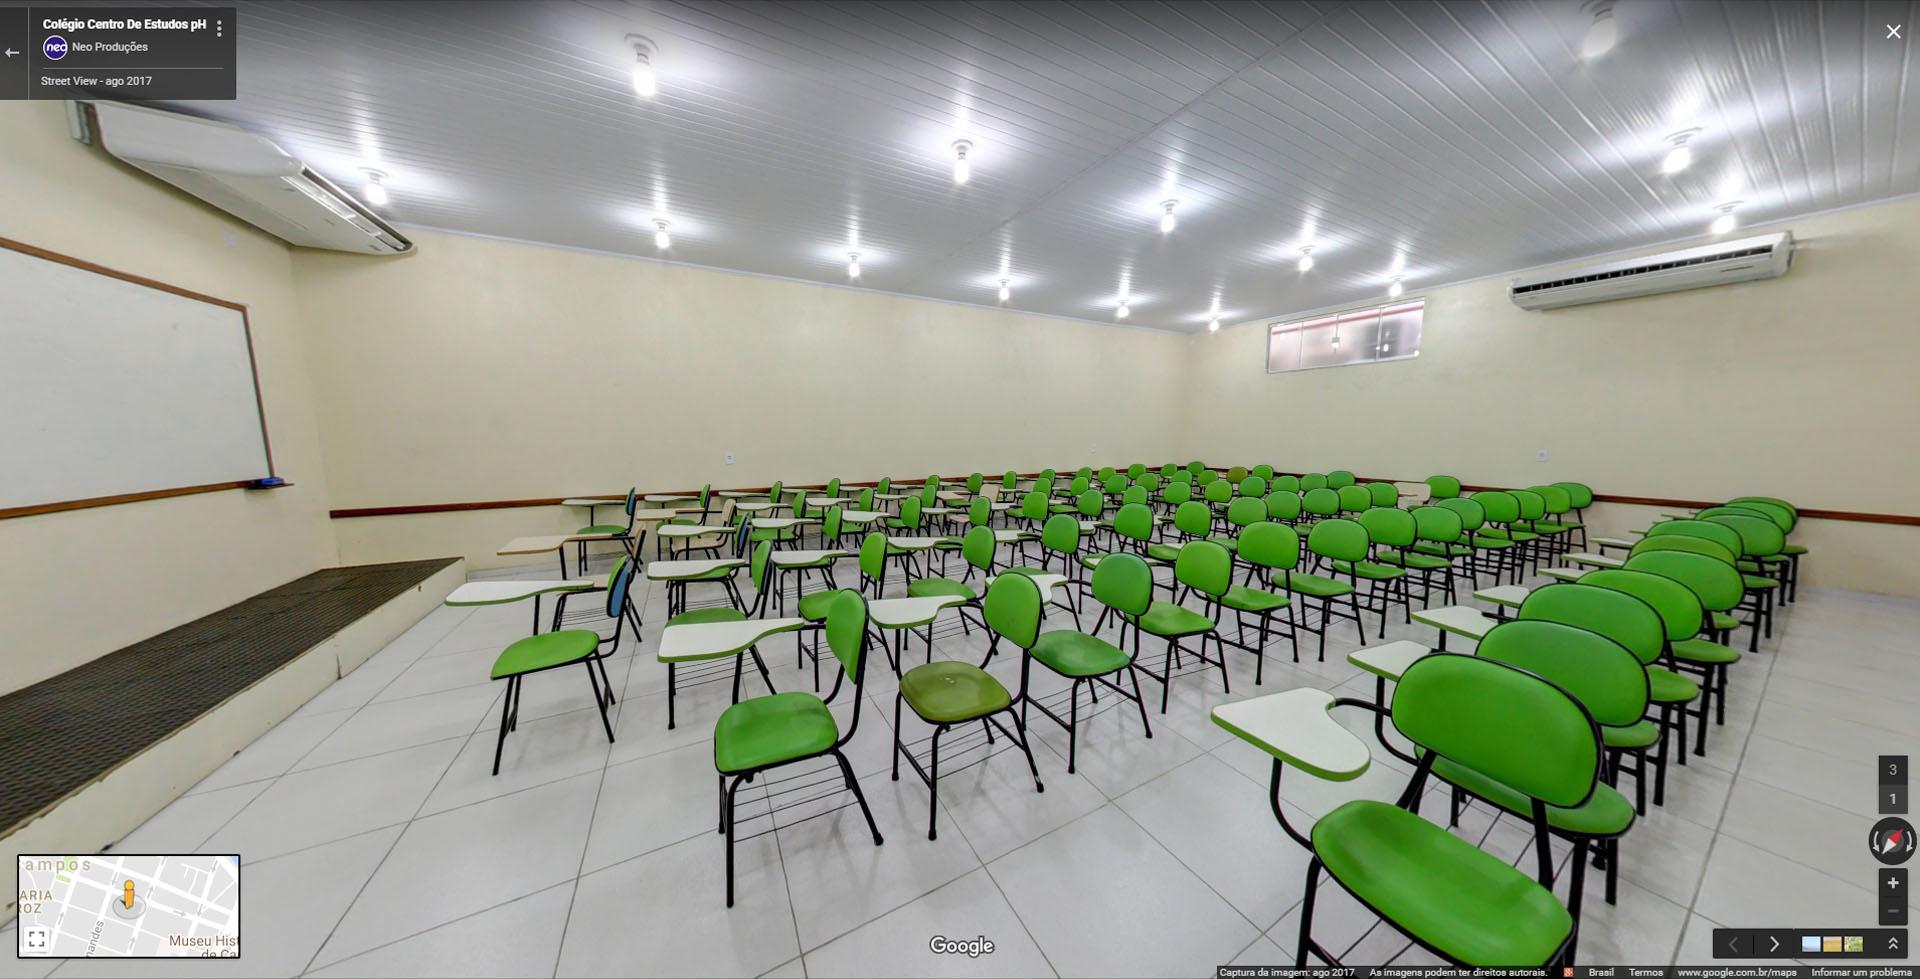 Ph Centro de Estudos